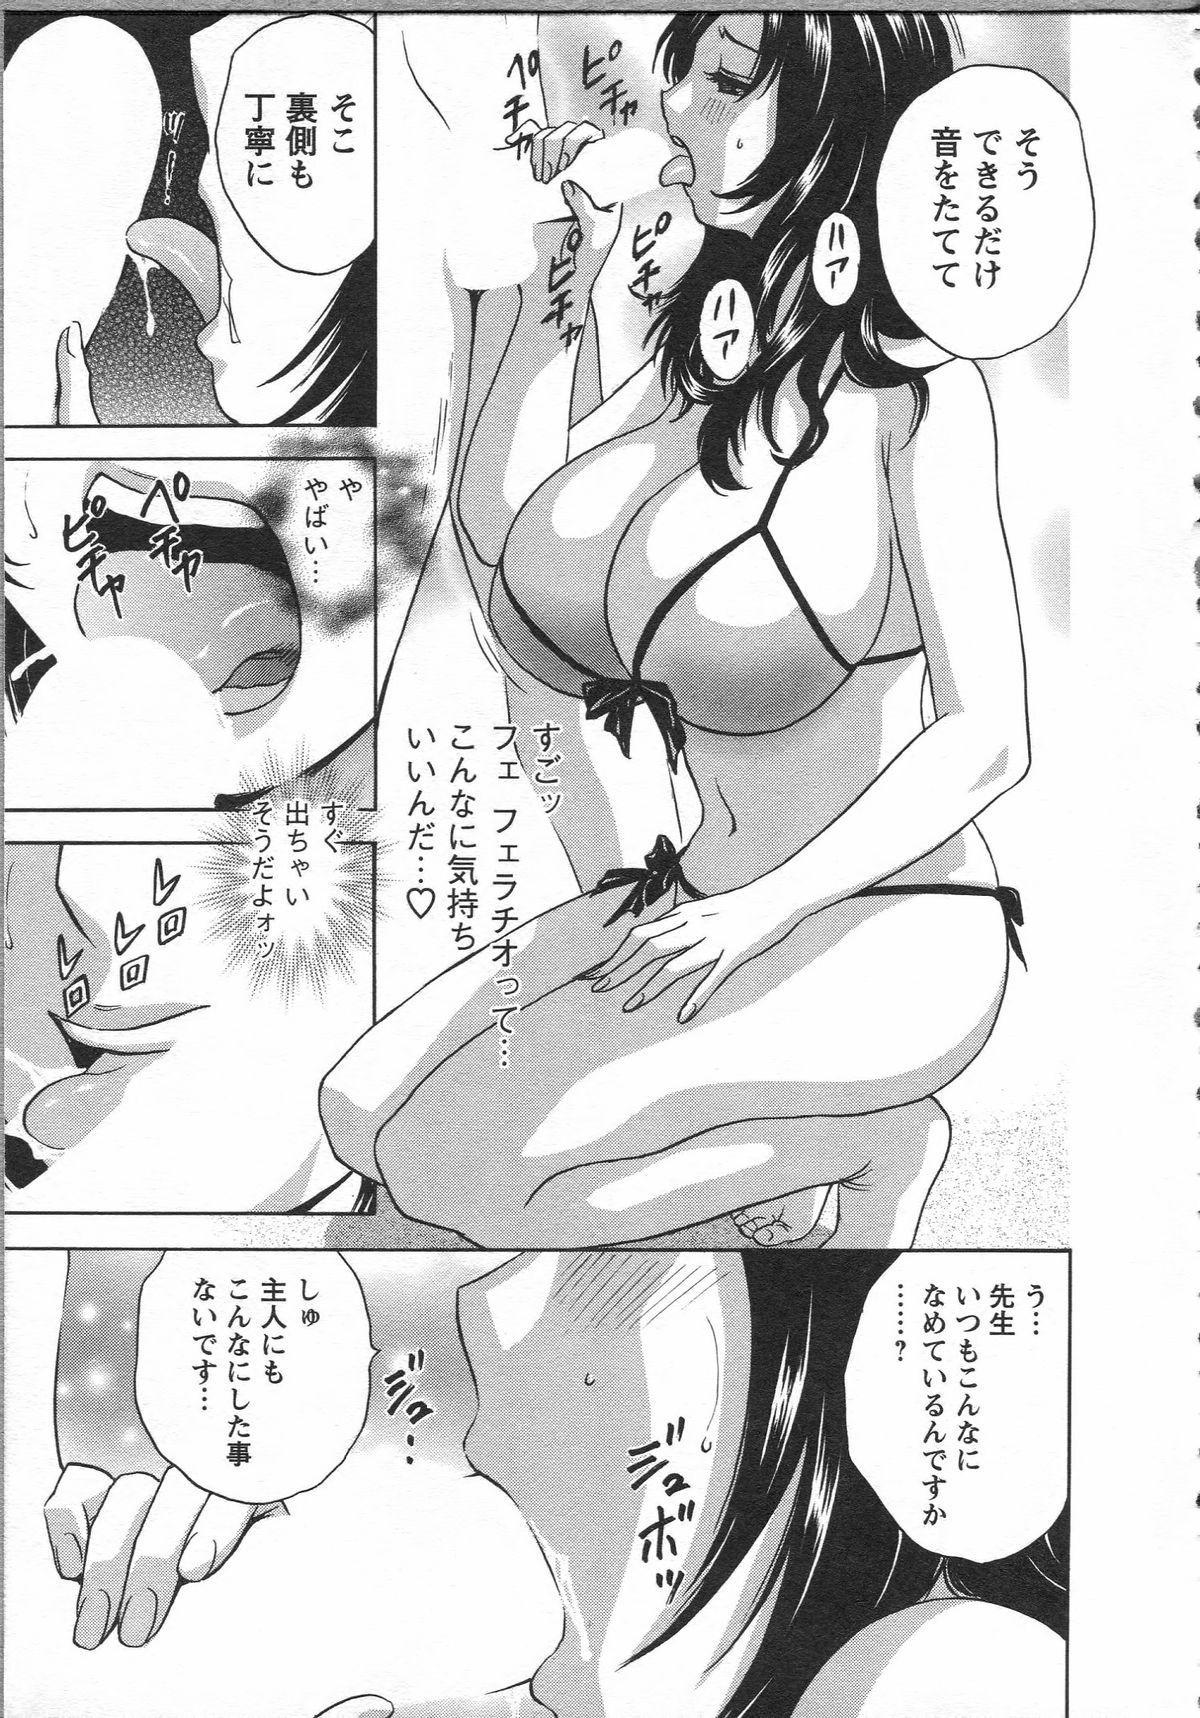 Manga no youna Hitozuma to no Hibi - Days with Married Women such as Comics. 16